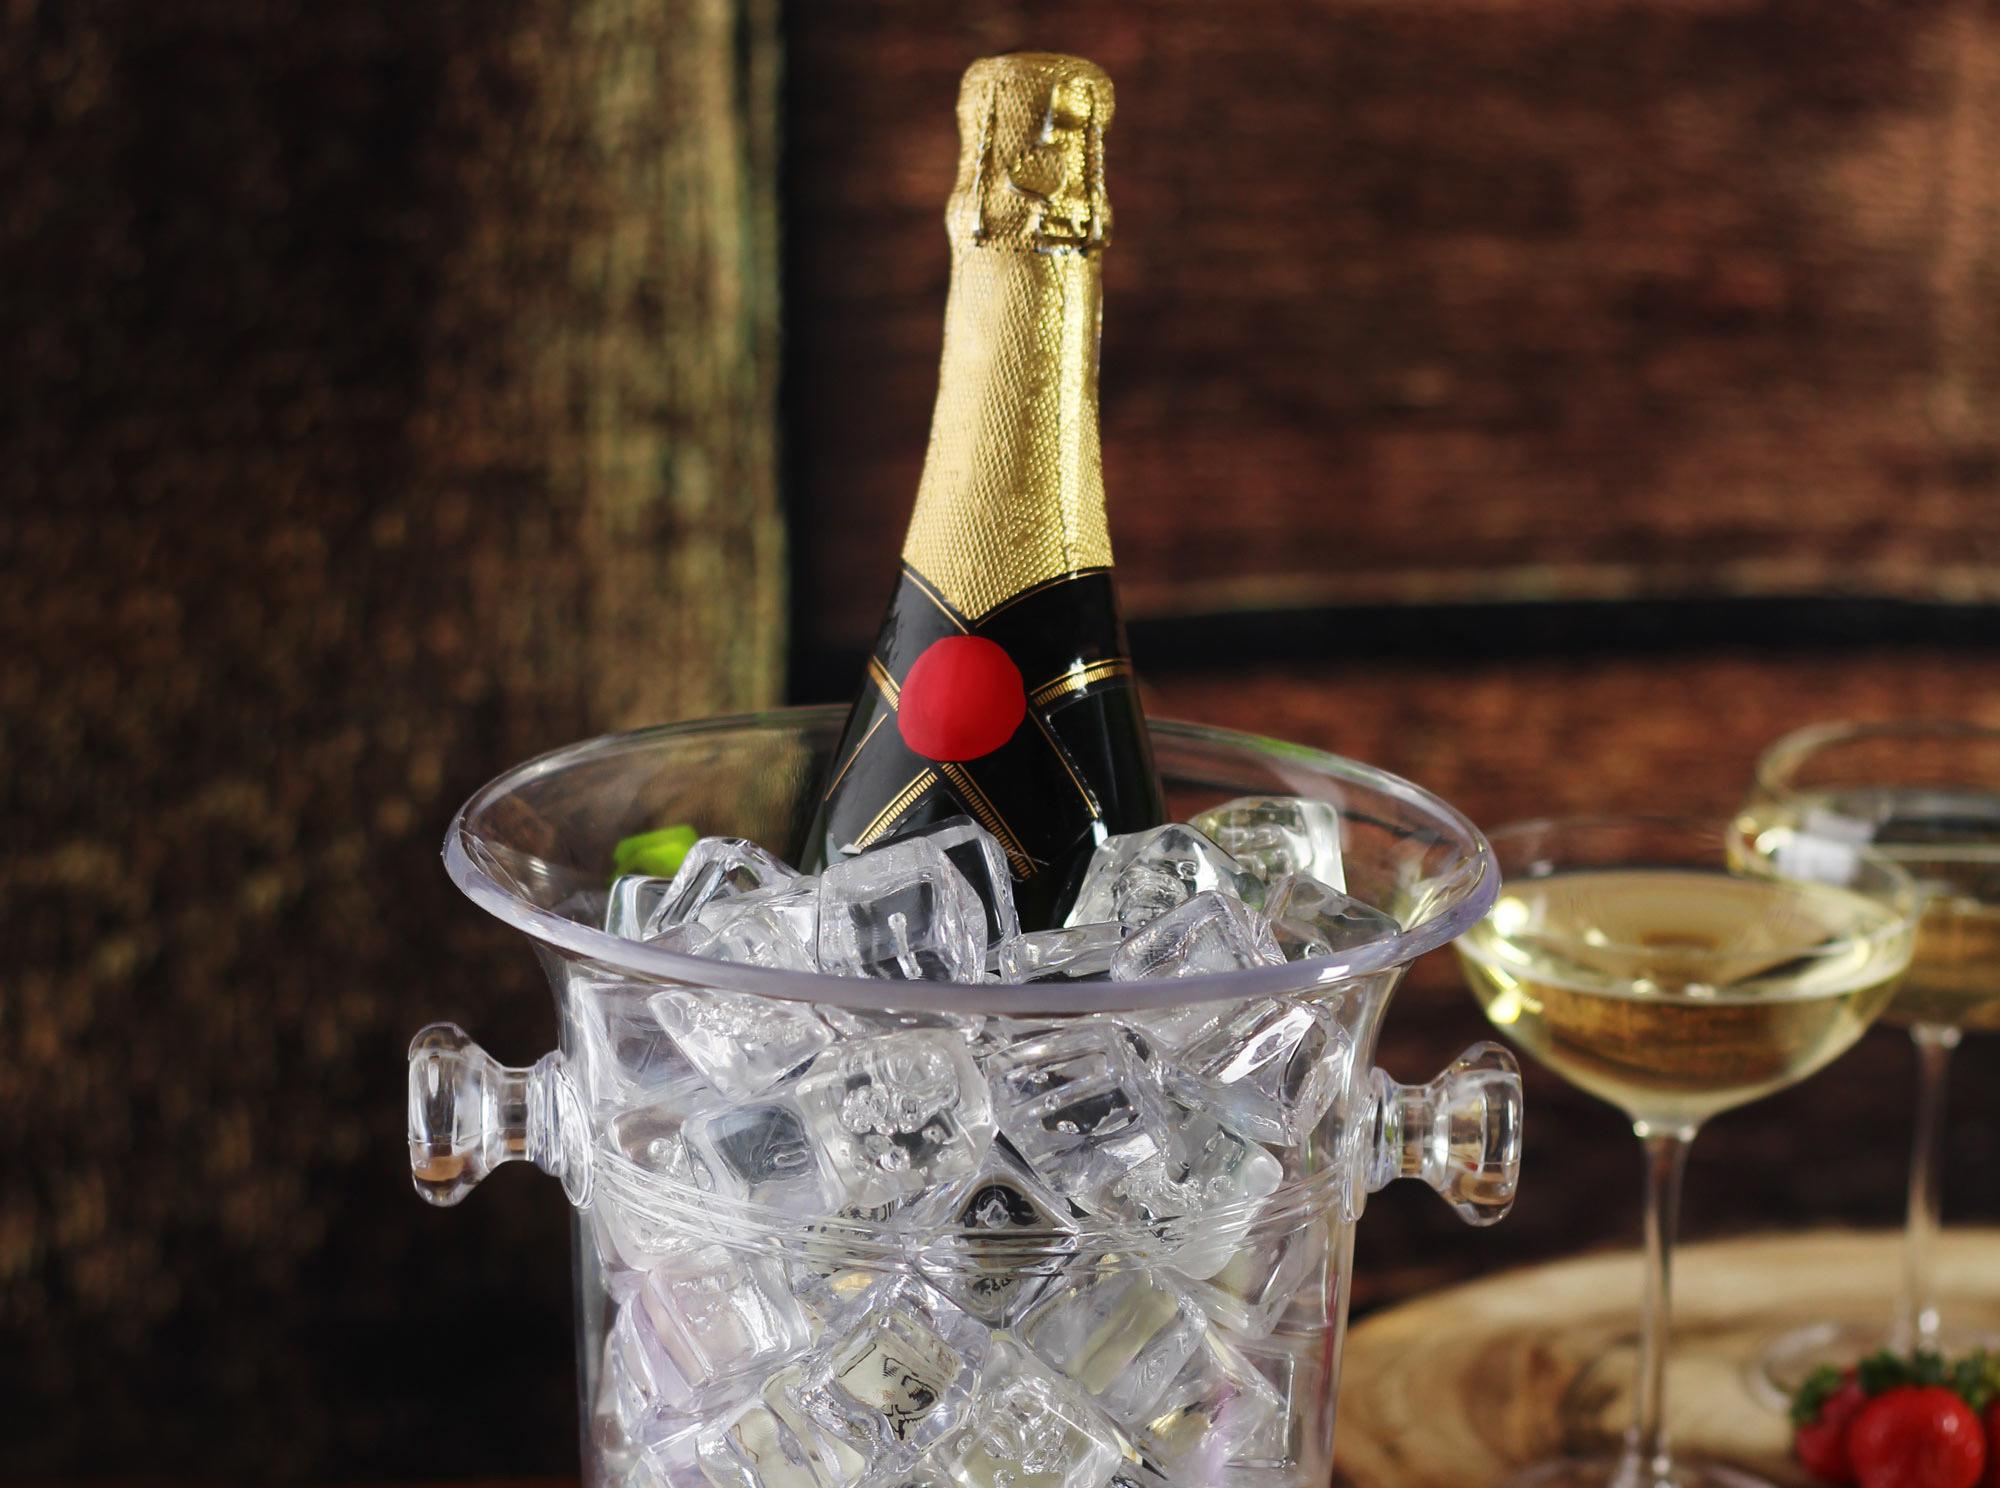 Фото ведра с шампанским